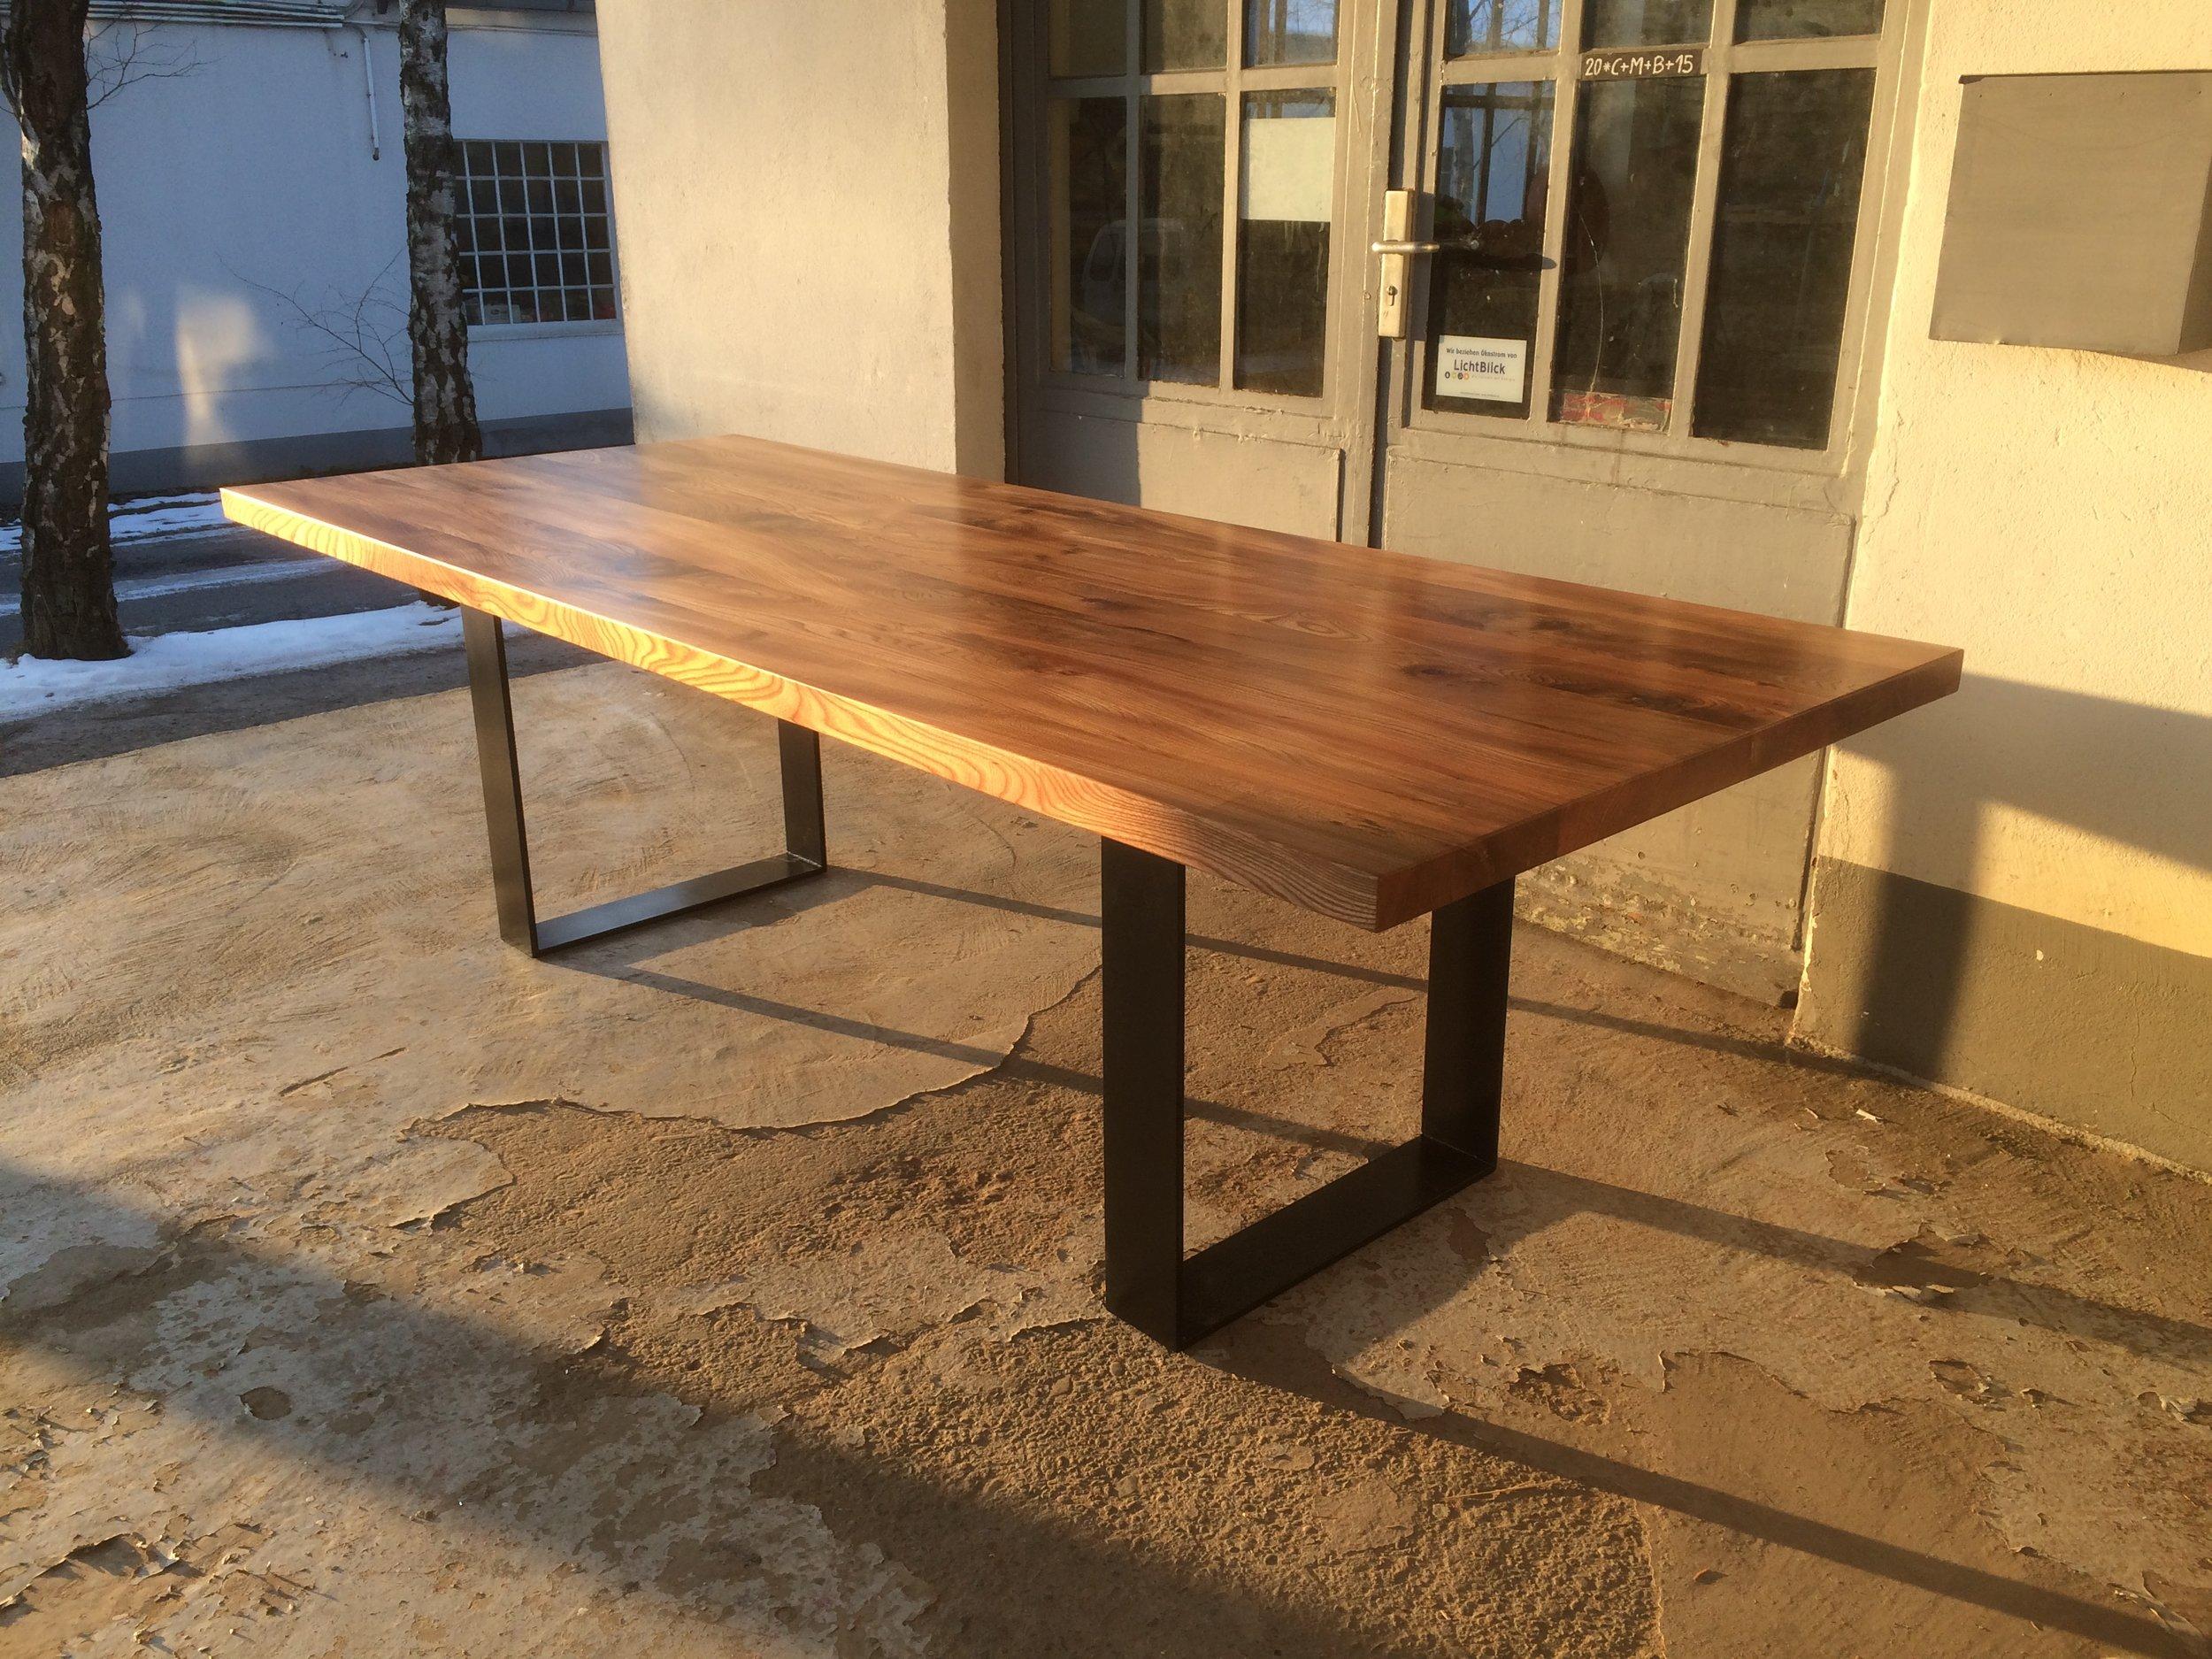 Tisch Oscar aus Rüster und Stahl 250 x 100 cm.